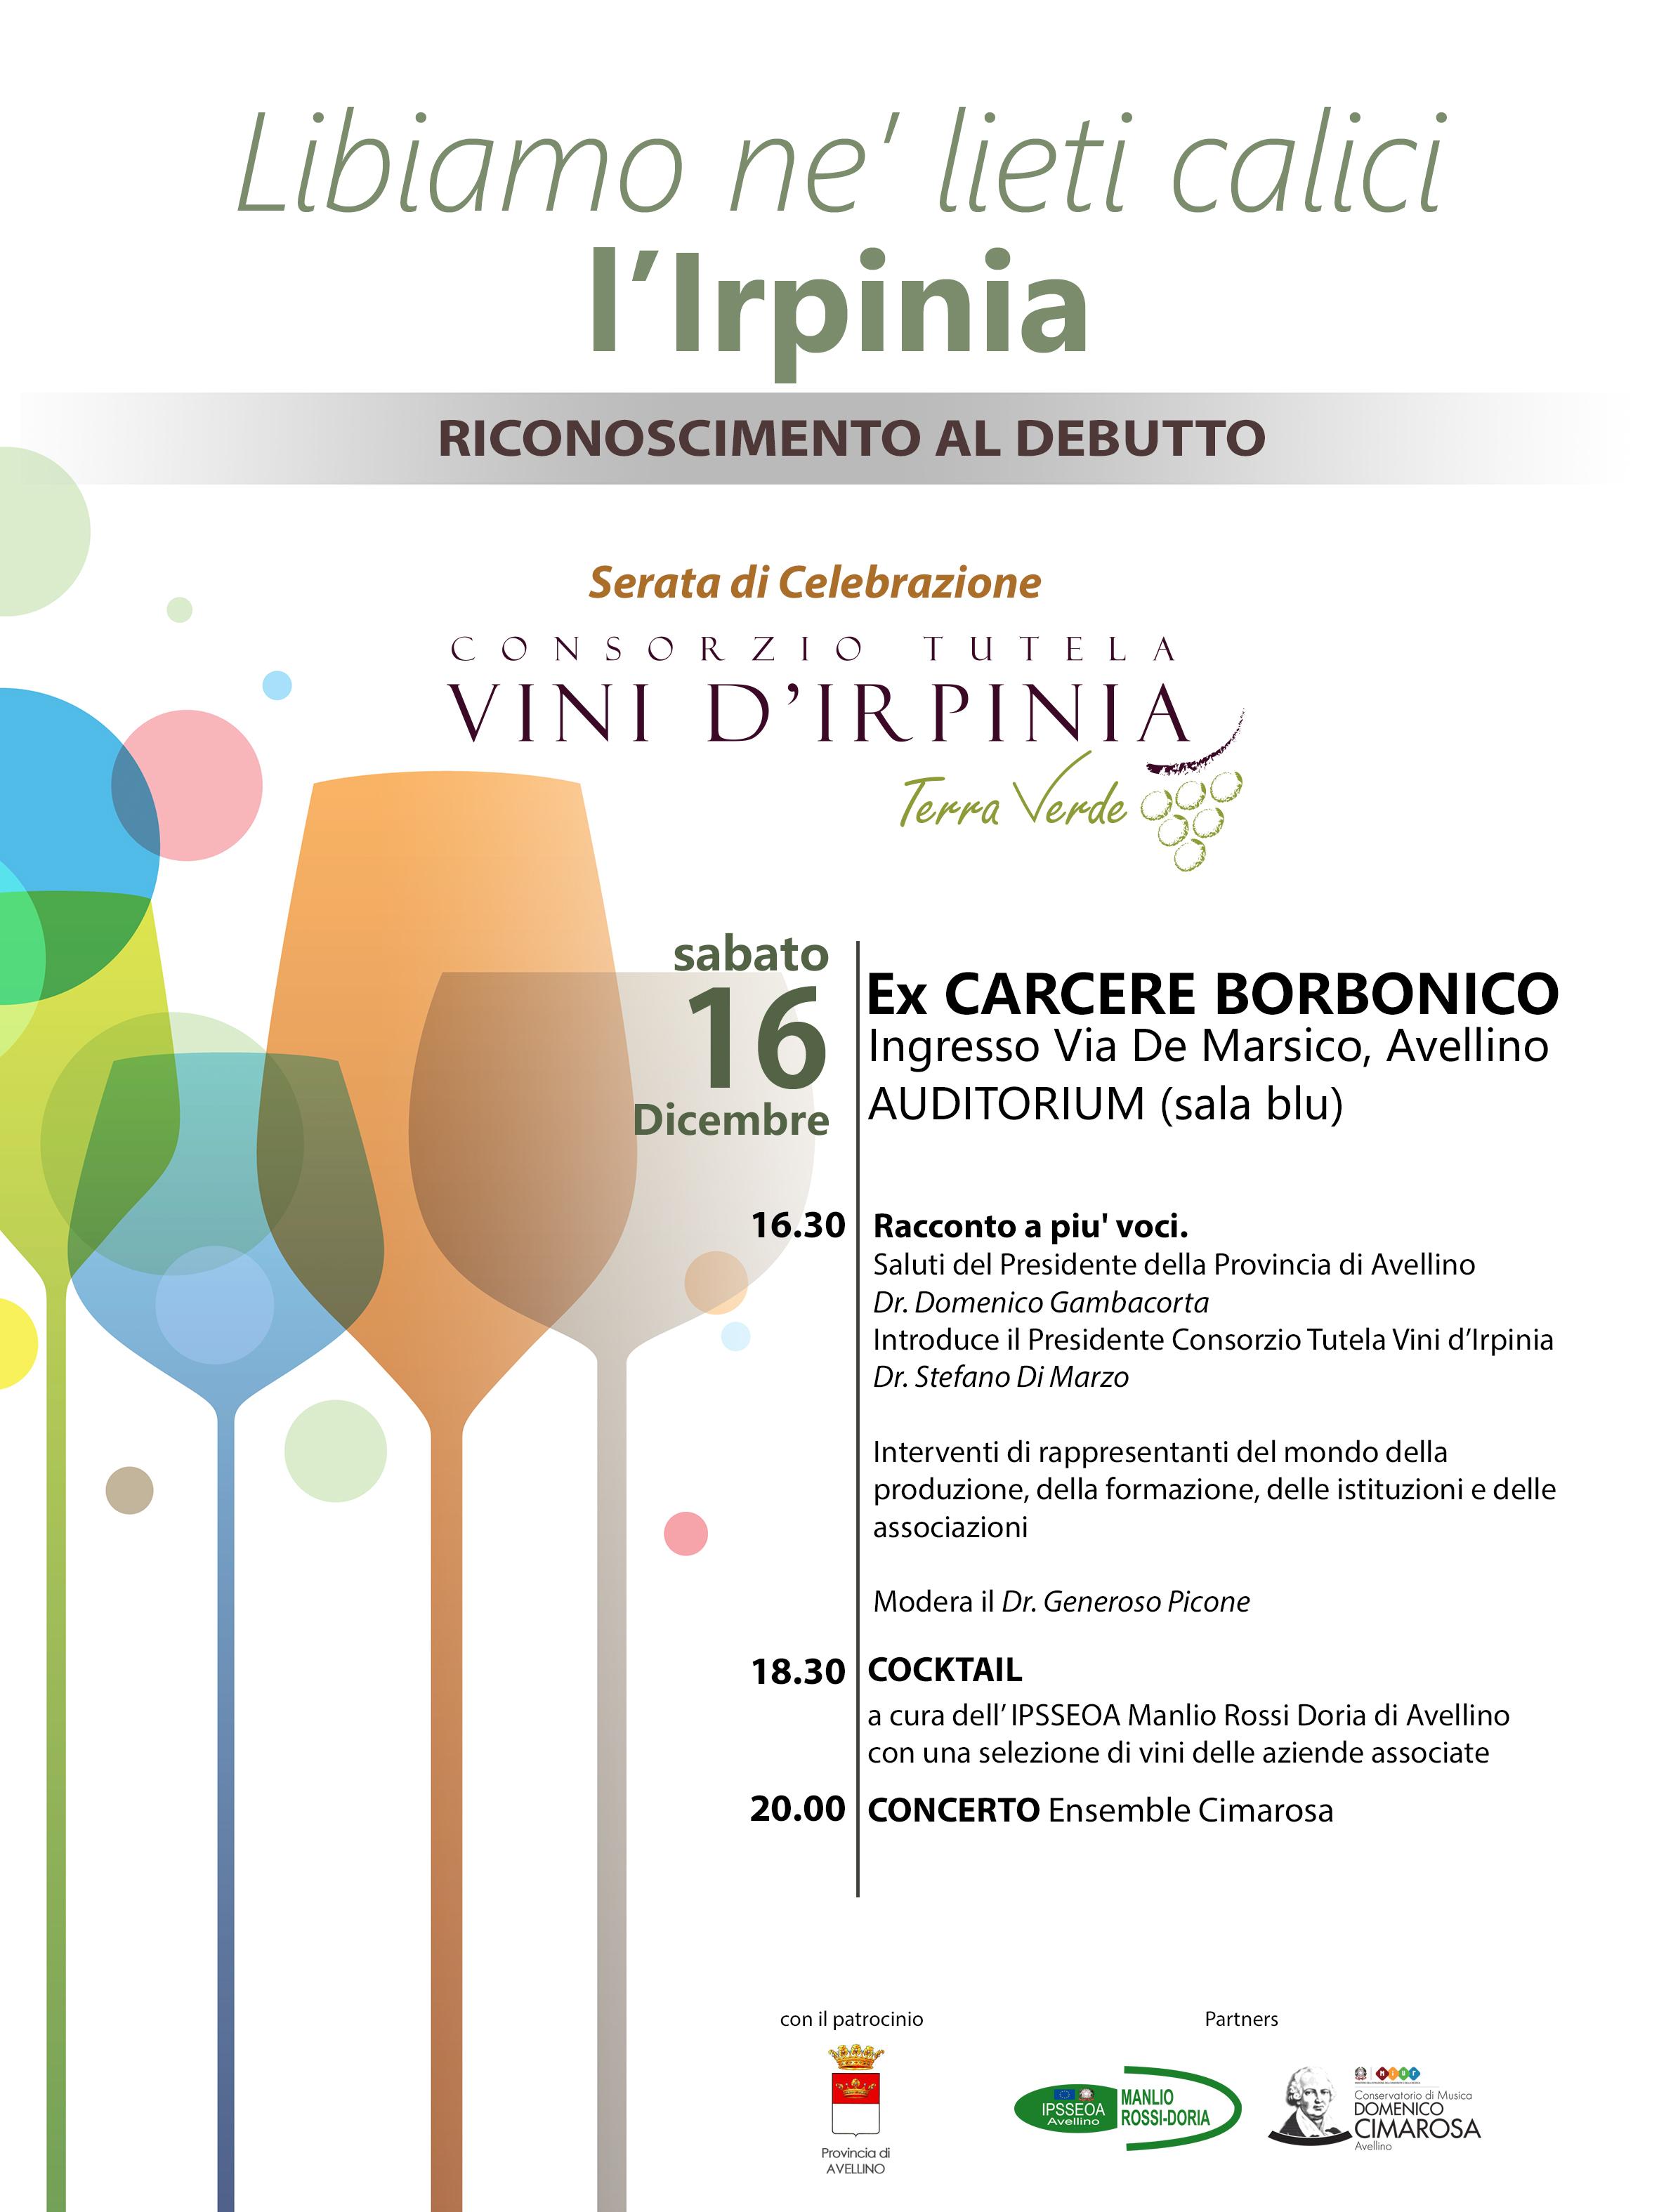 L'Irpinia Brinda: Le voci del consorzio di tutela dei vini